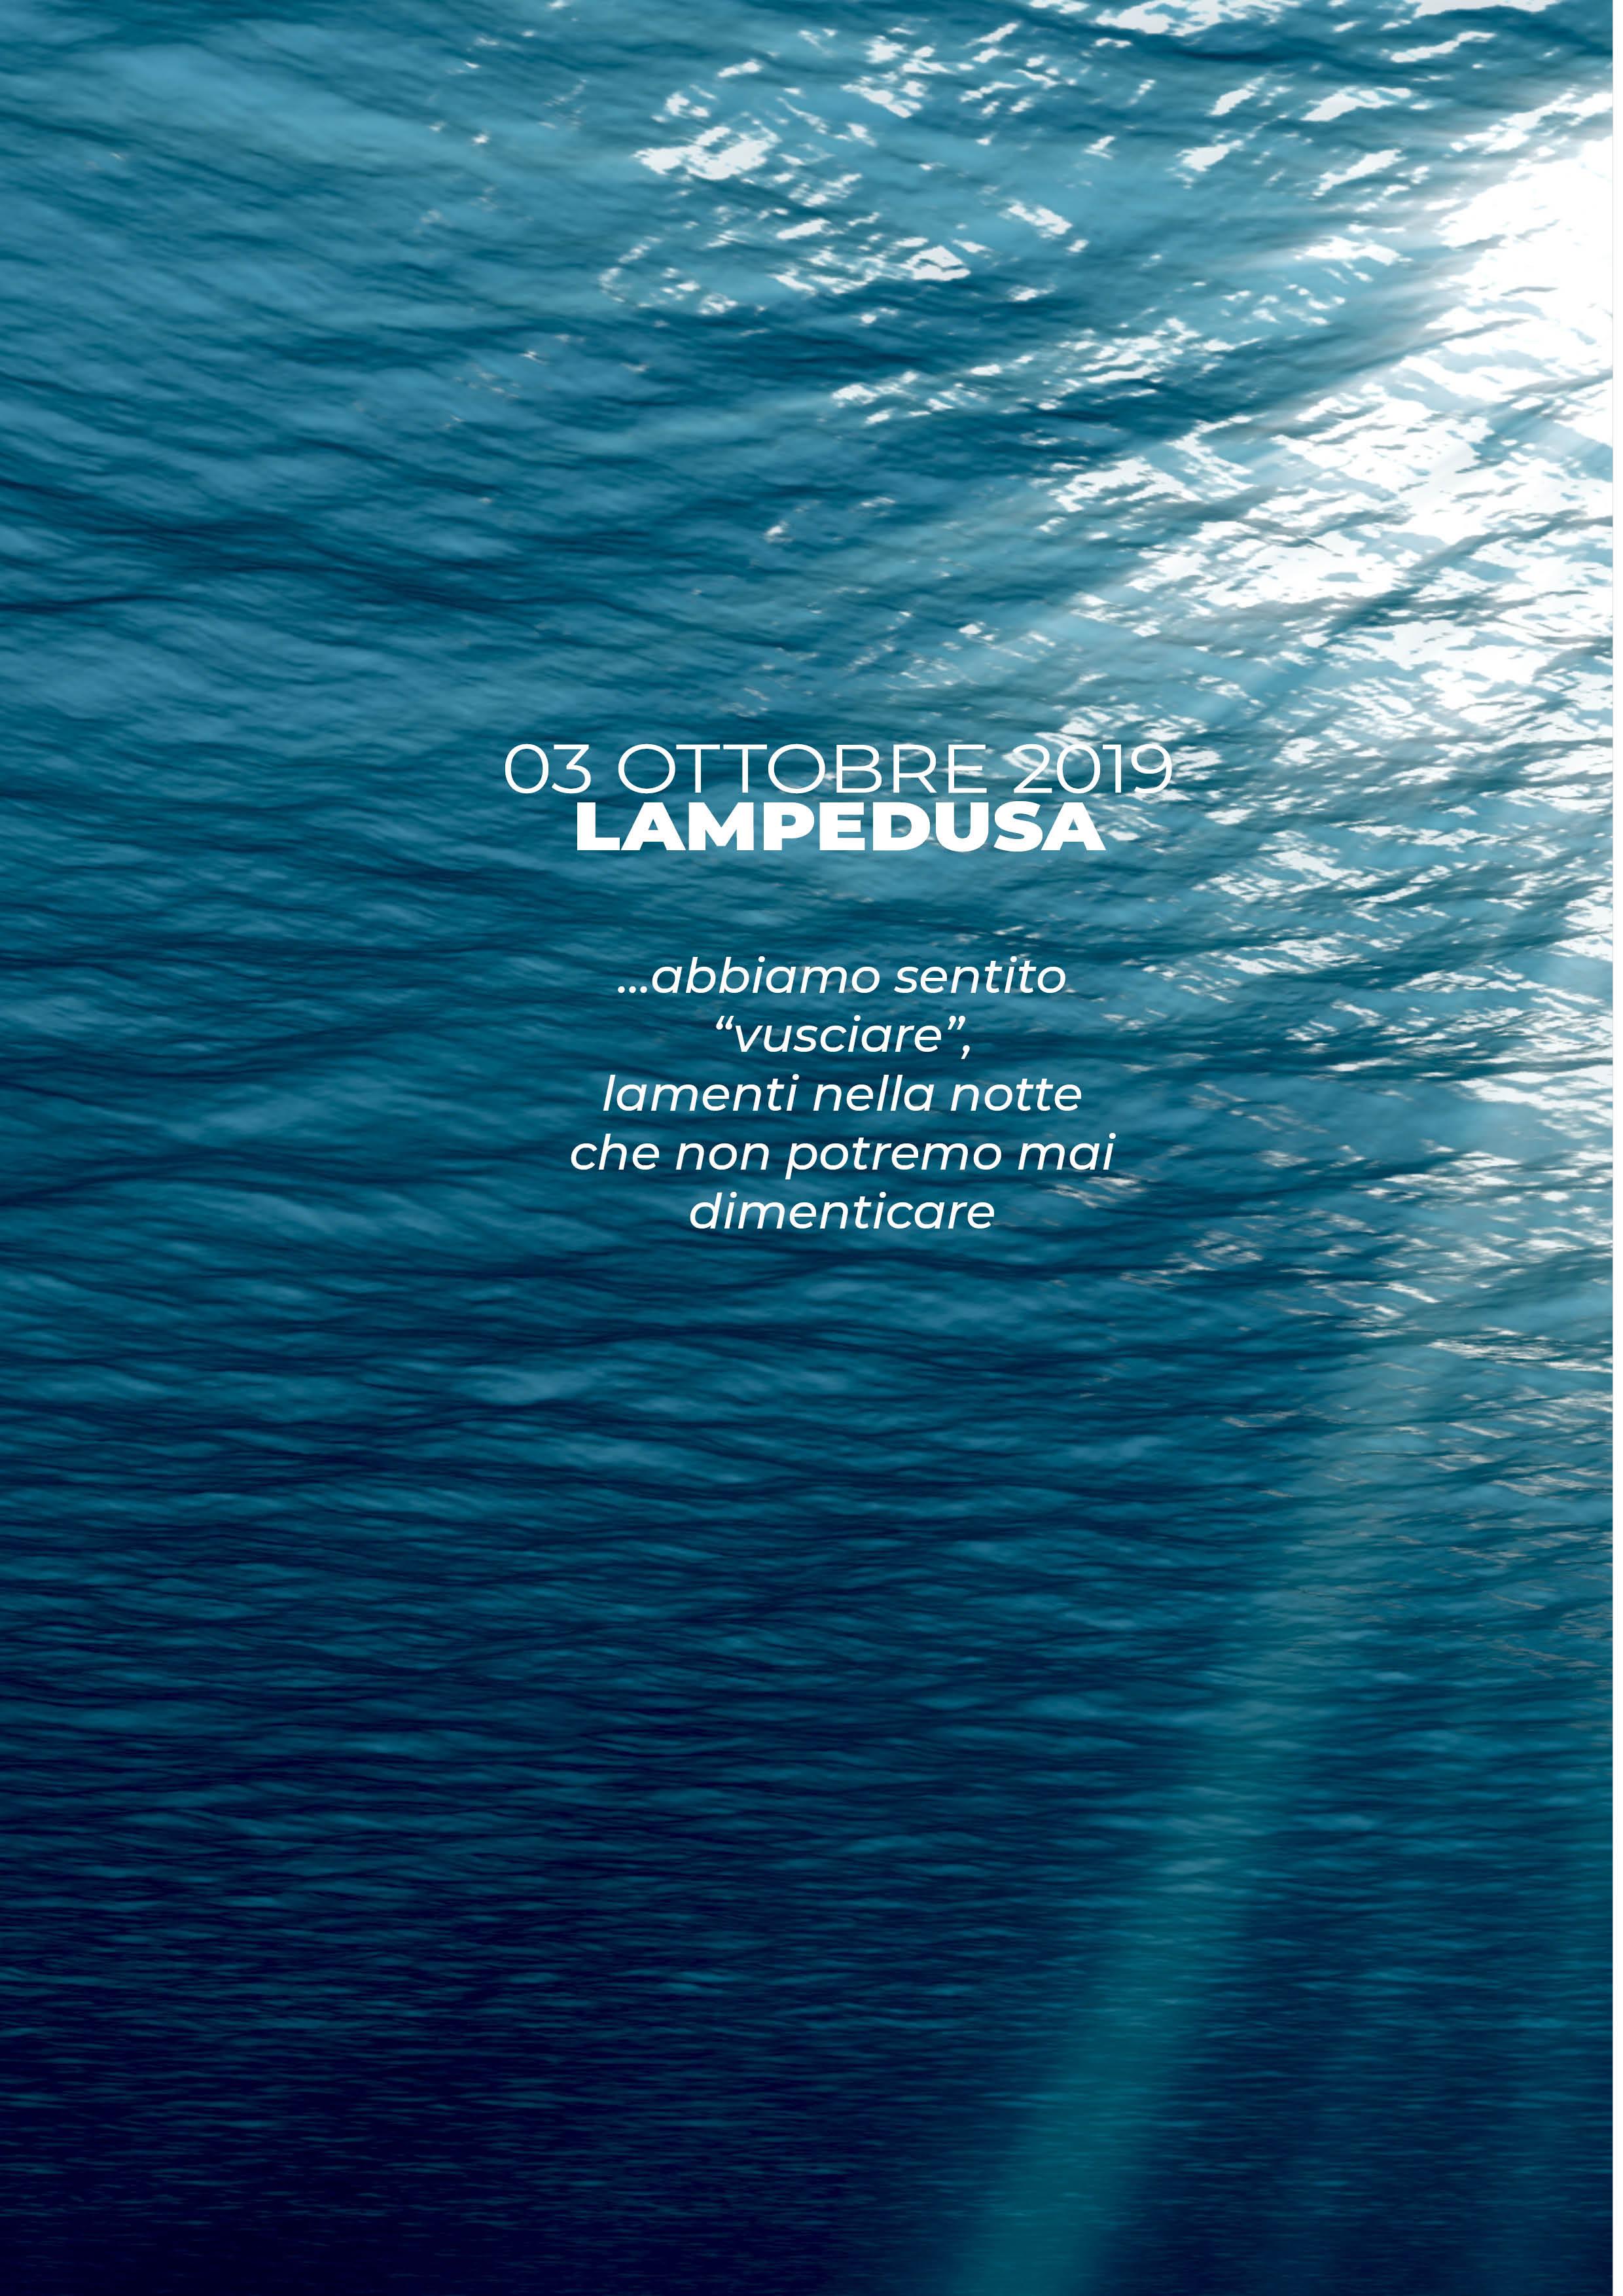 3 ottobre LAMPEDUSA: per non dimenticare